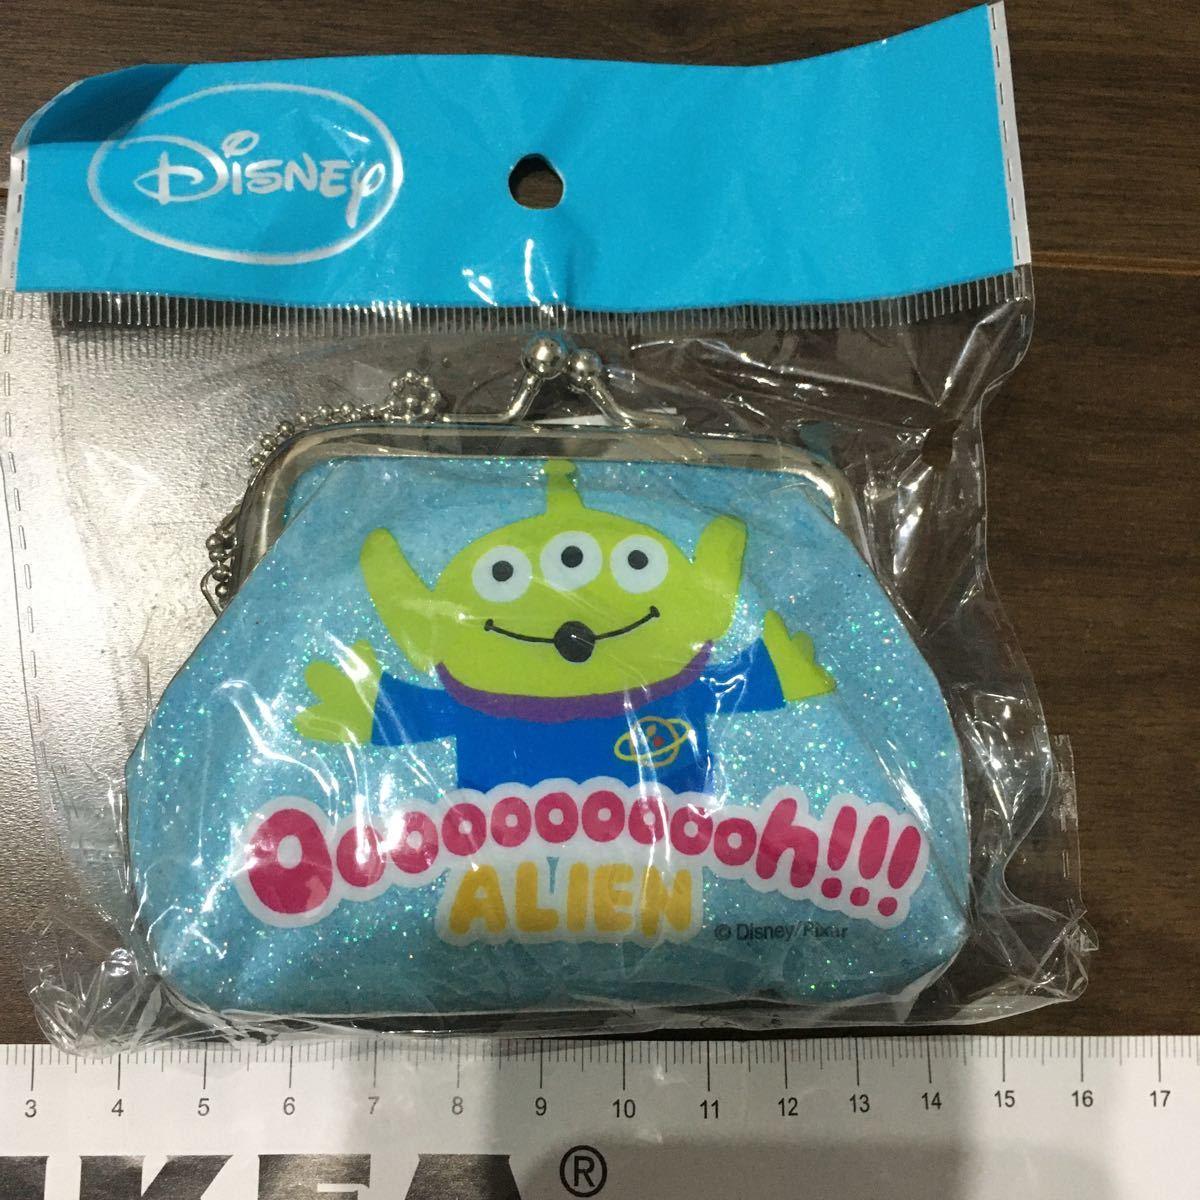 ラメ がまぐち ミニ がま口財布 がま口ポーチ Disney ディズニー 土産 リトルグリーンメン トイストーリー コイン